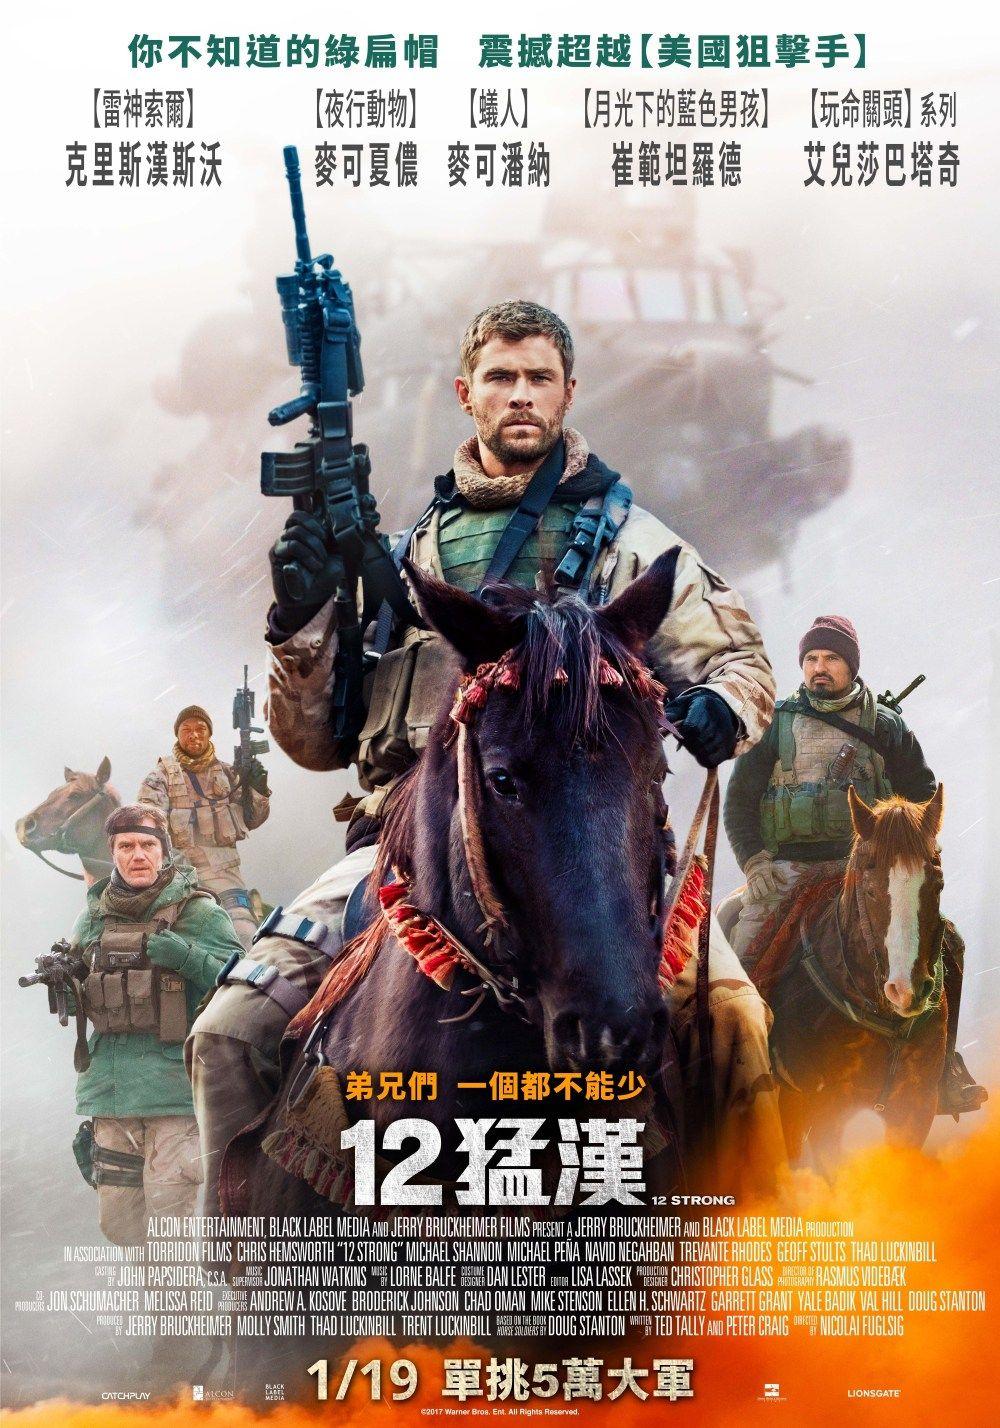 kannada cine 2018 movies download